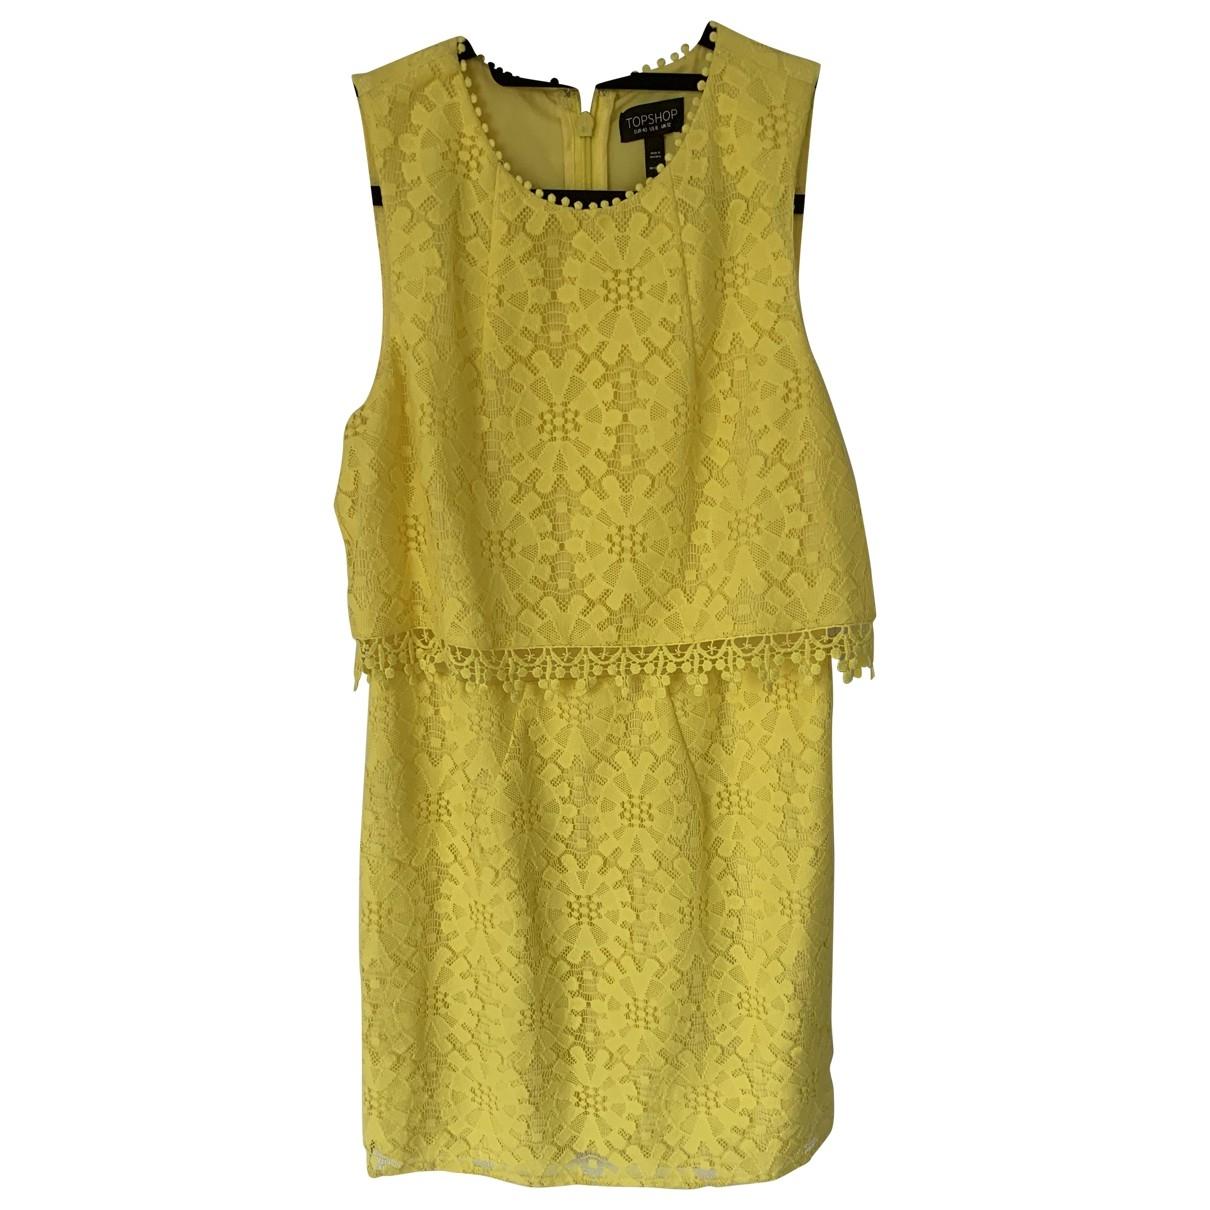 Tophop \N Kleid in  Gelb Polyester